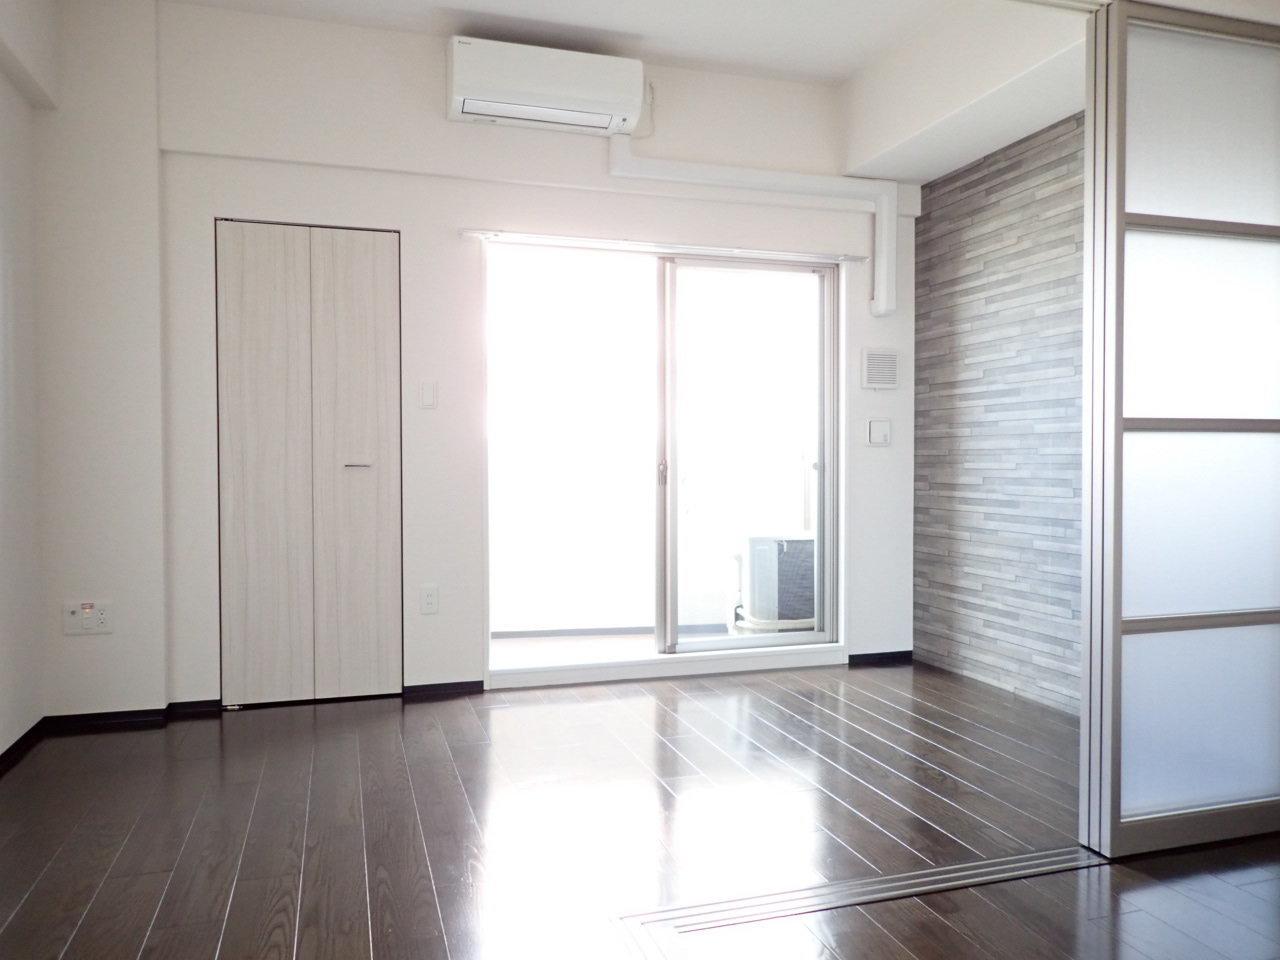 8.6畳のリビングと、洋室がついた1LDKタイプのお部屋。ソファを置けるゆったりとしたスペースです。